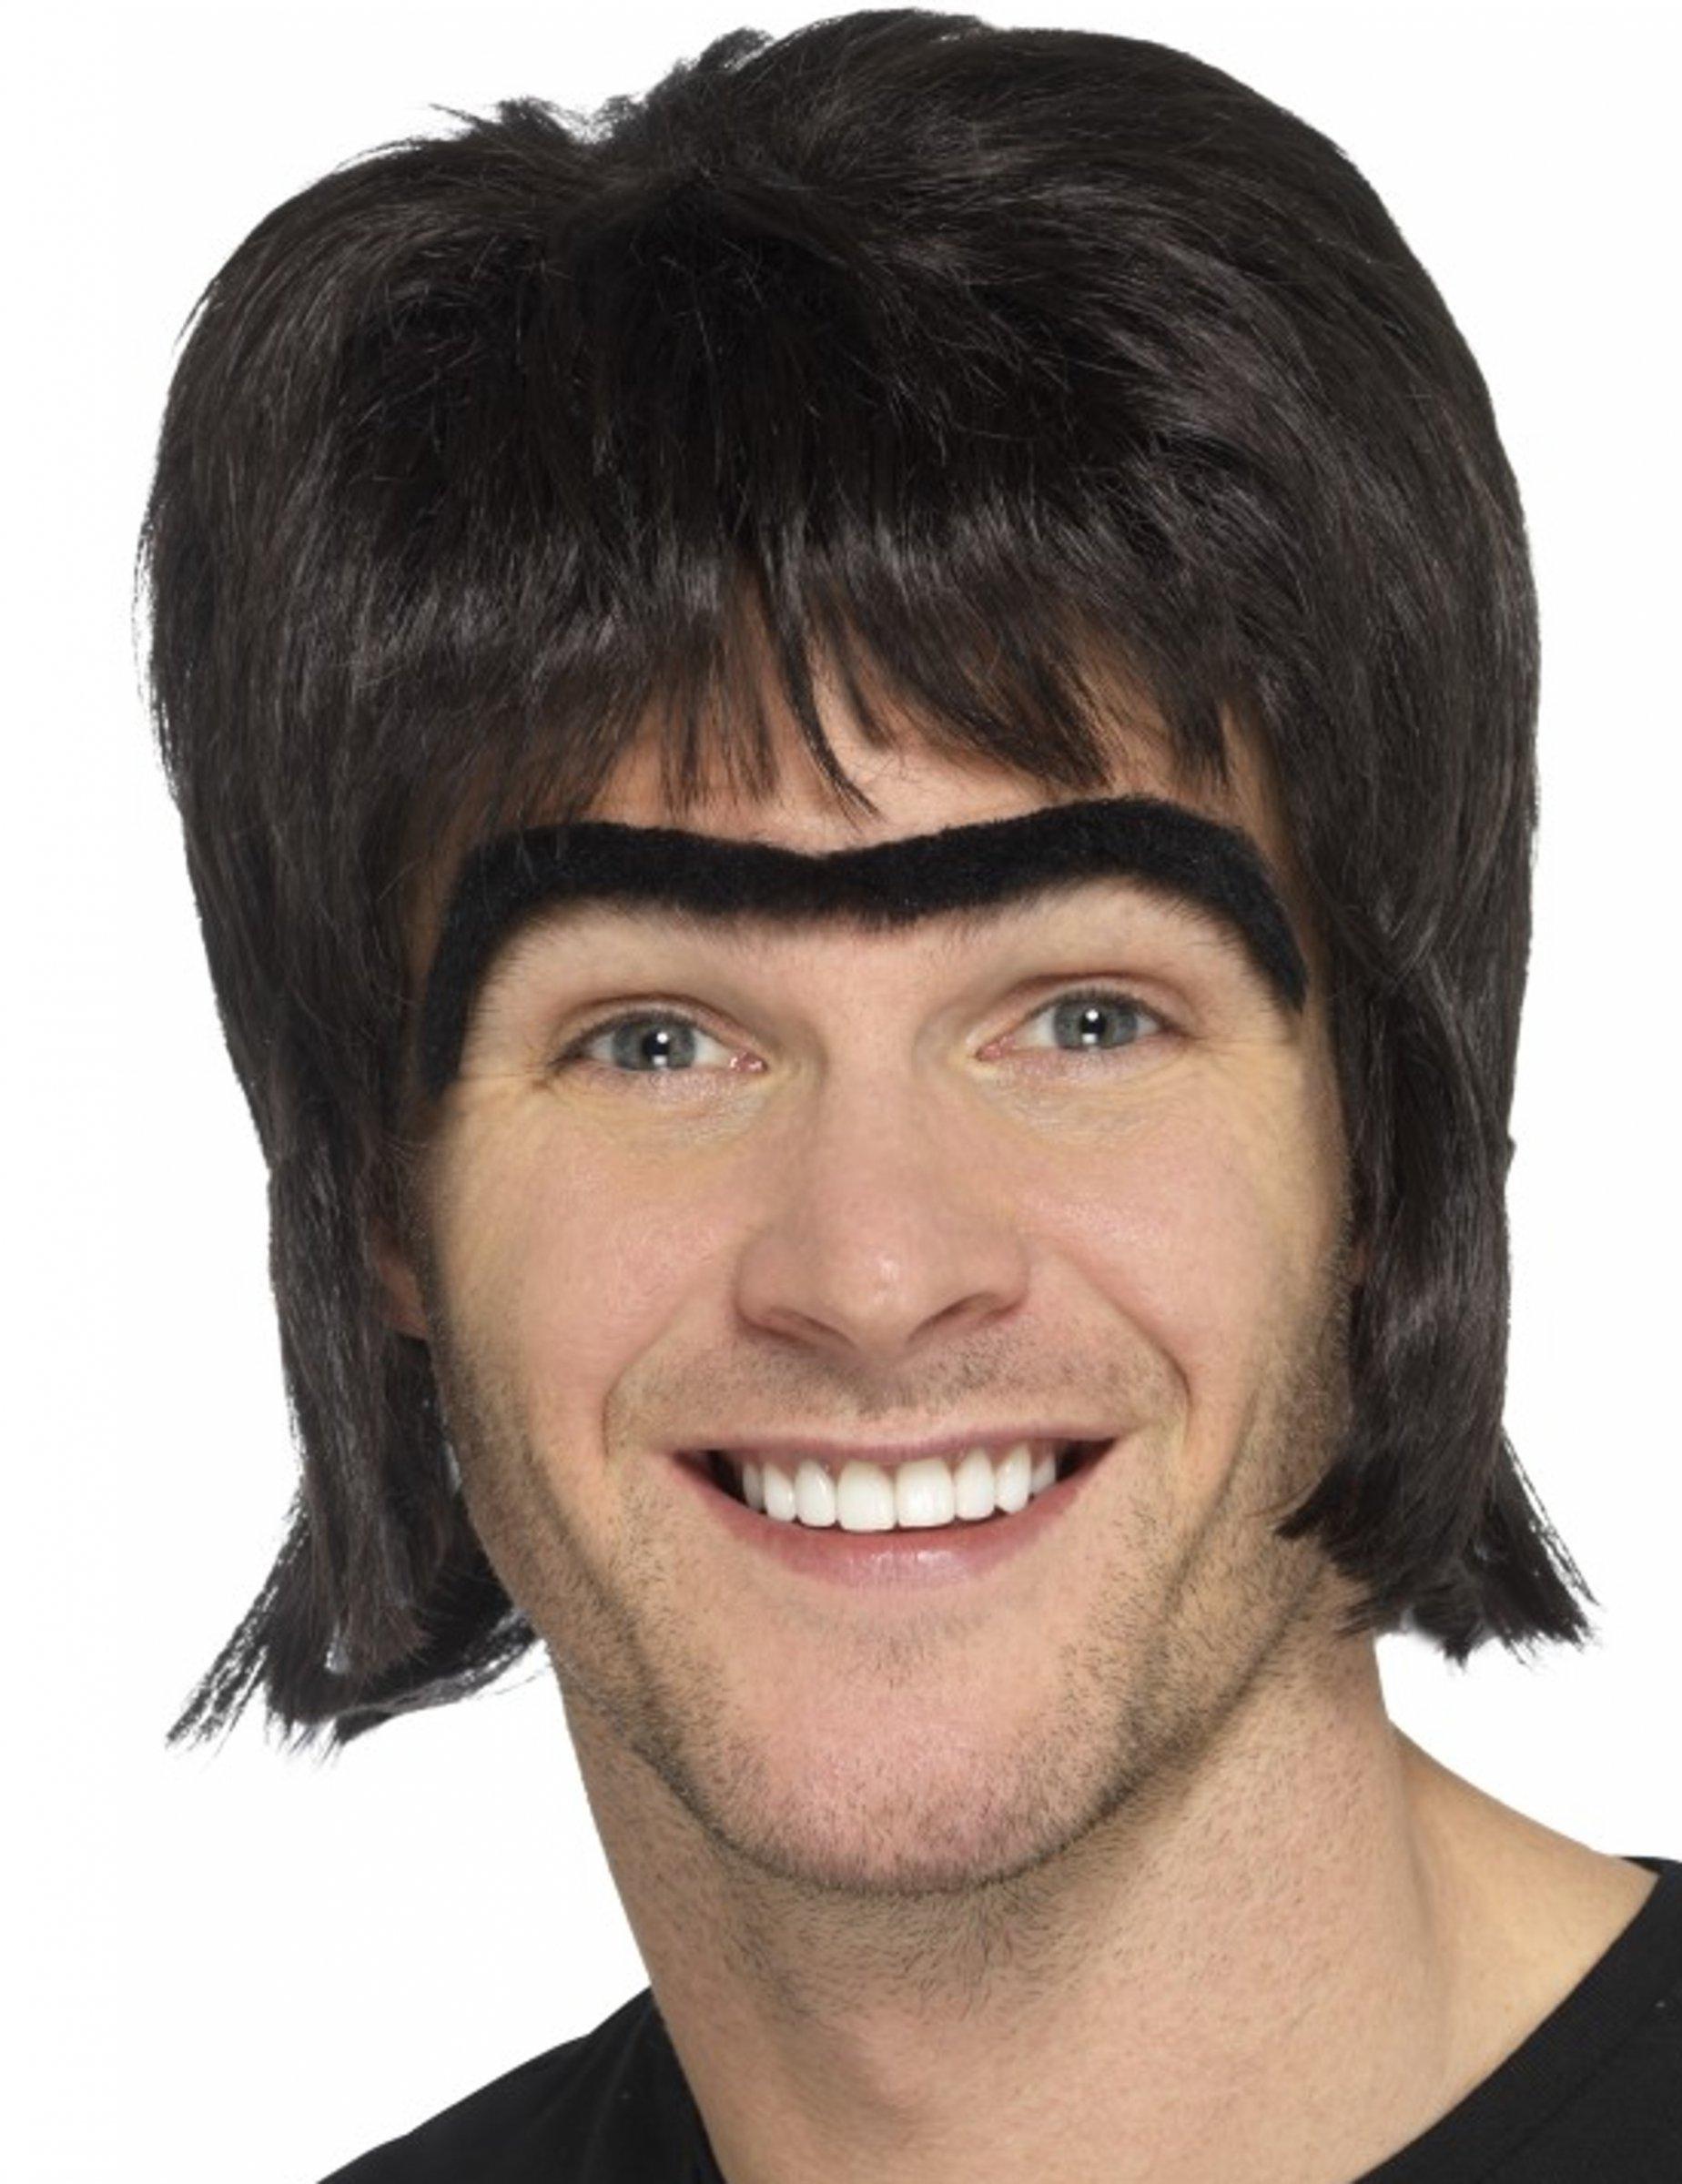 Perruque noire et mono sourcil homme : Deguise-